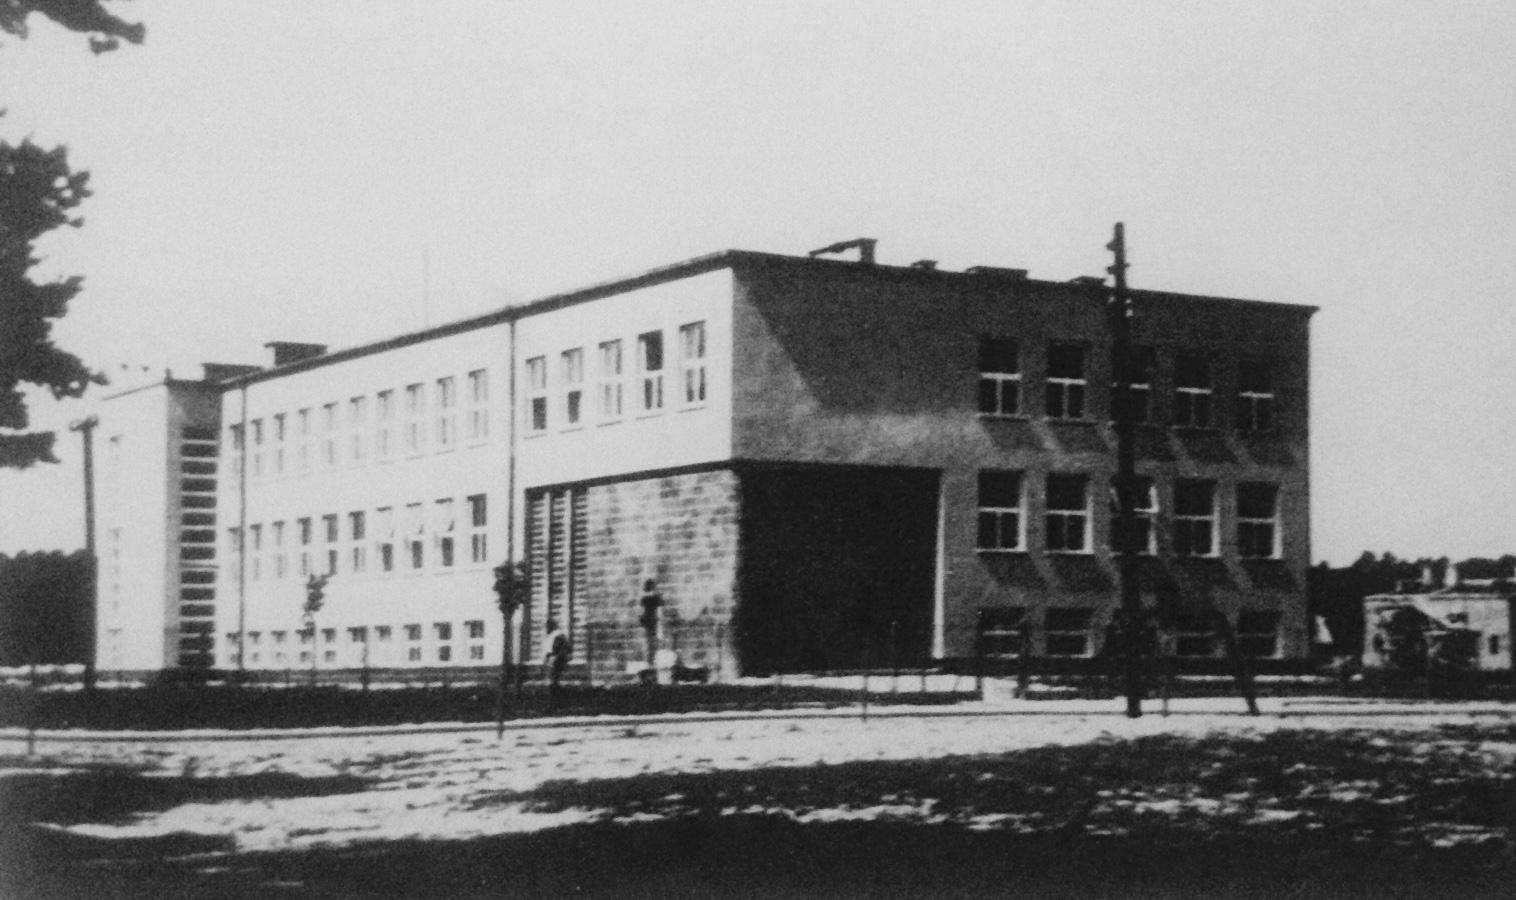 Przedwojenna szkoła powszechna, w ktorej Niemcy urządzili szpital podczas okupacji (fot: D. Garbacz)